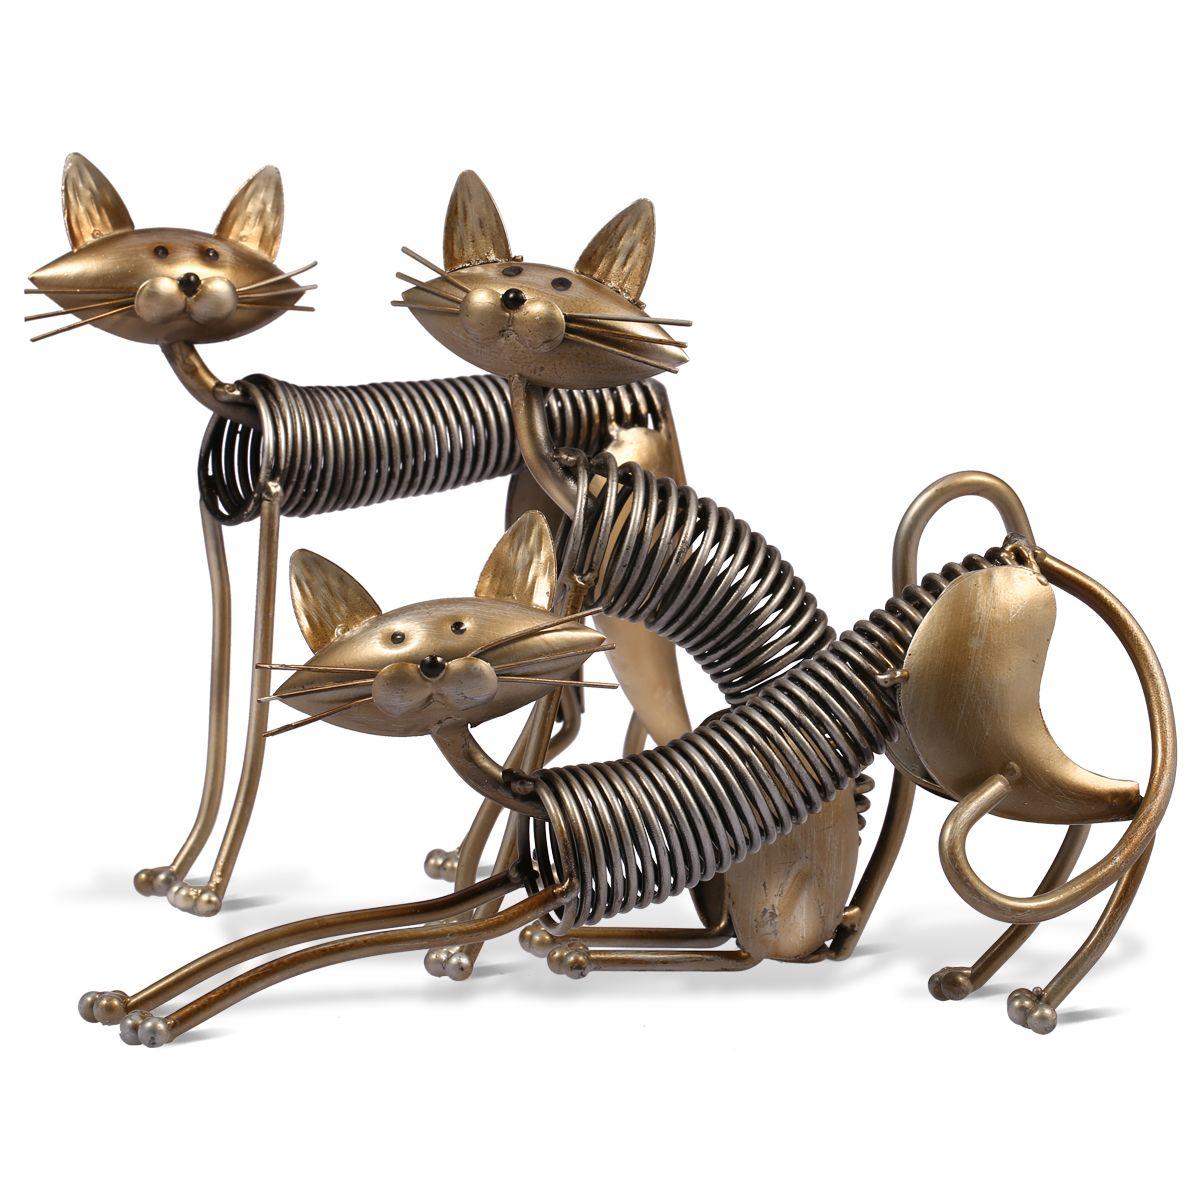 esculturas de jardim ferro vender por atacado esculturas de jardim ferro comprar por atacado. Black Bedroom Furniture Sets. Home Design Ideas